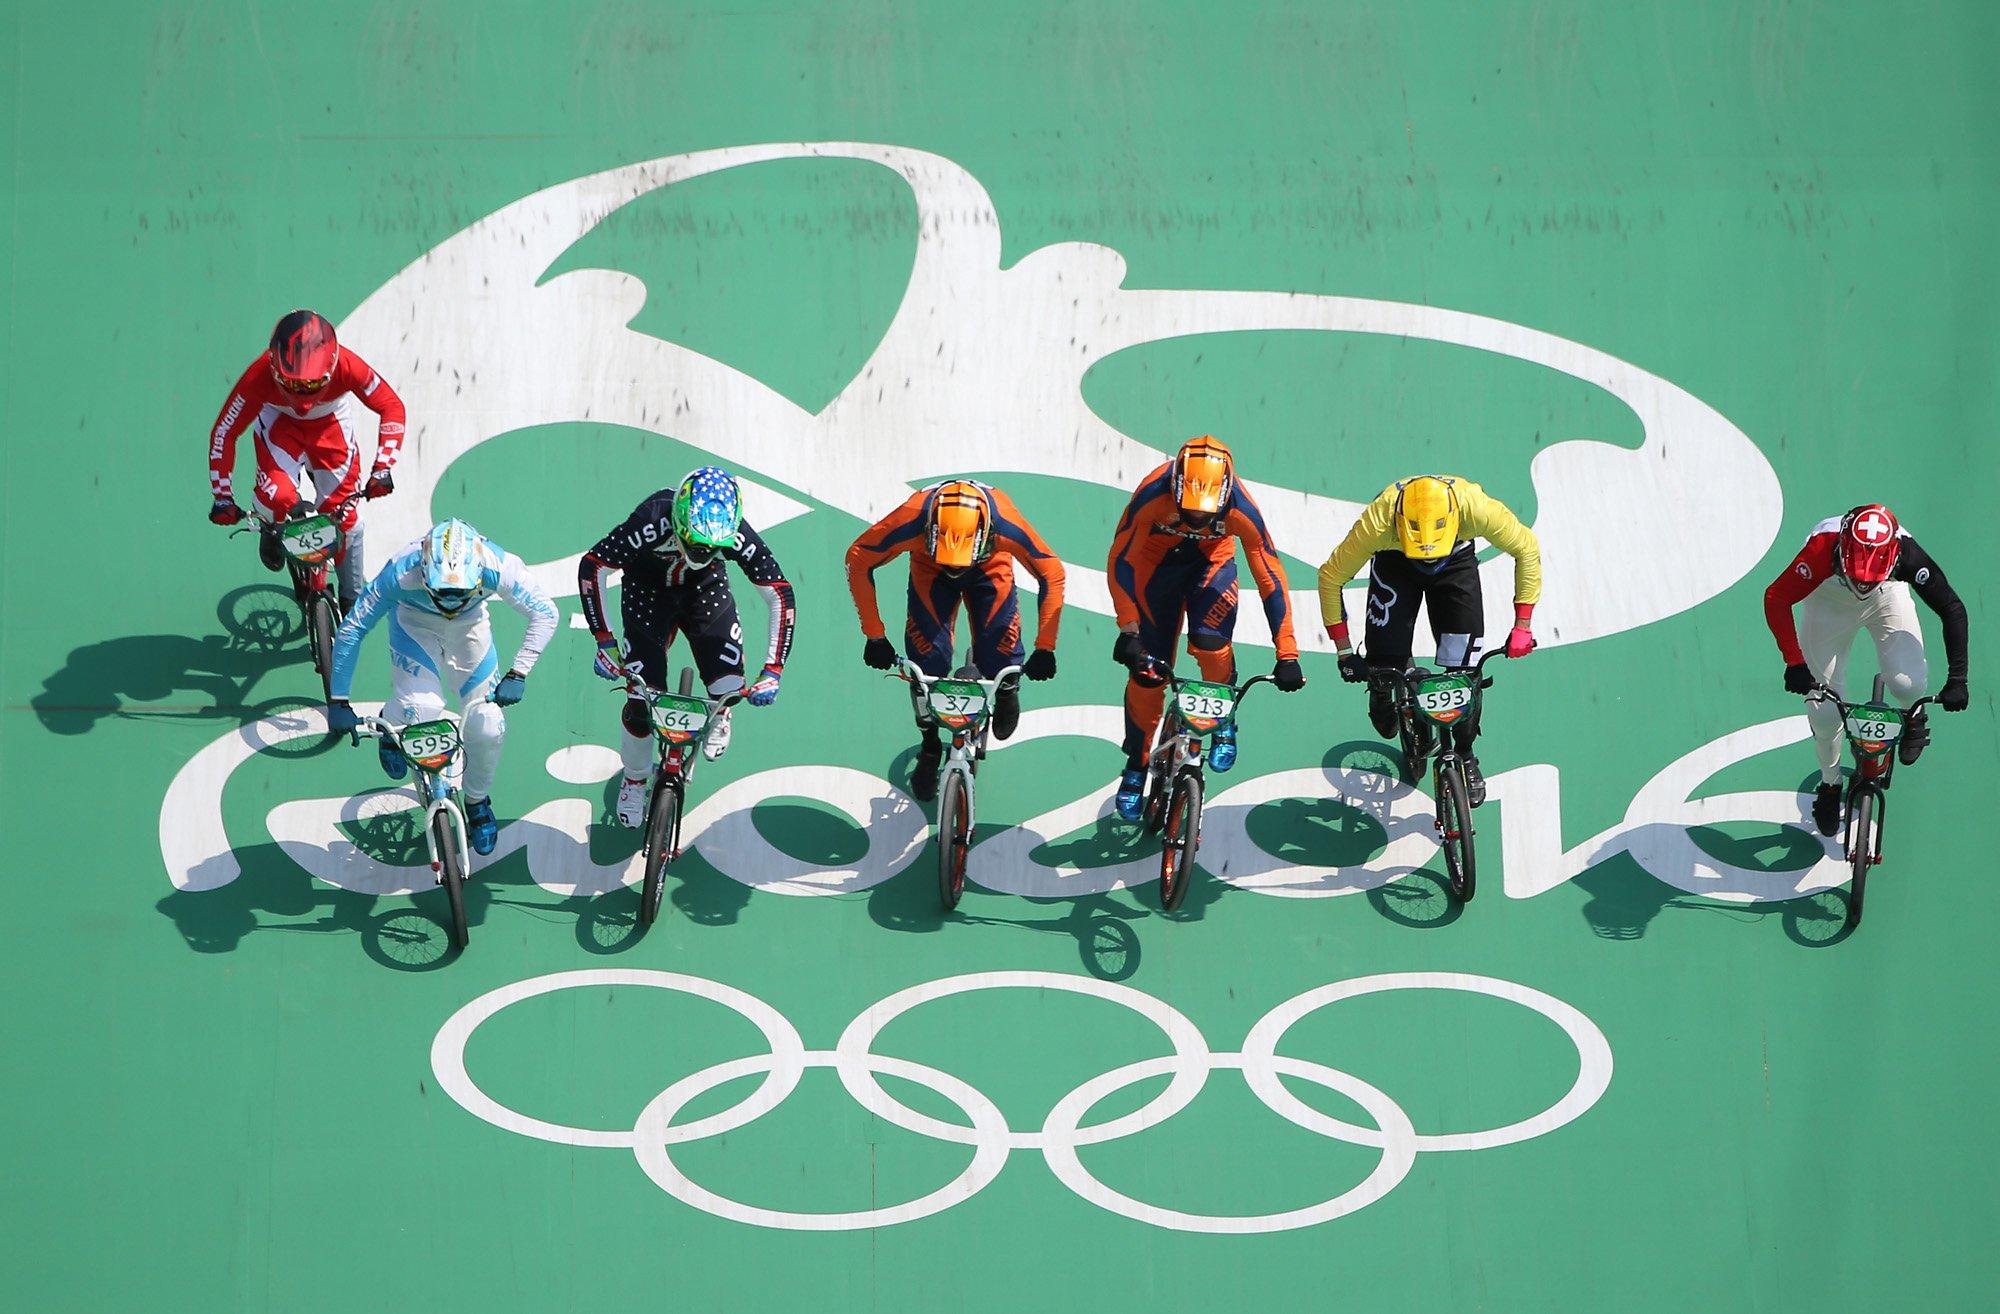 Competidores en inicio de la pista. Foto: uci.ch